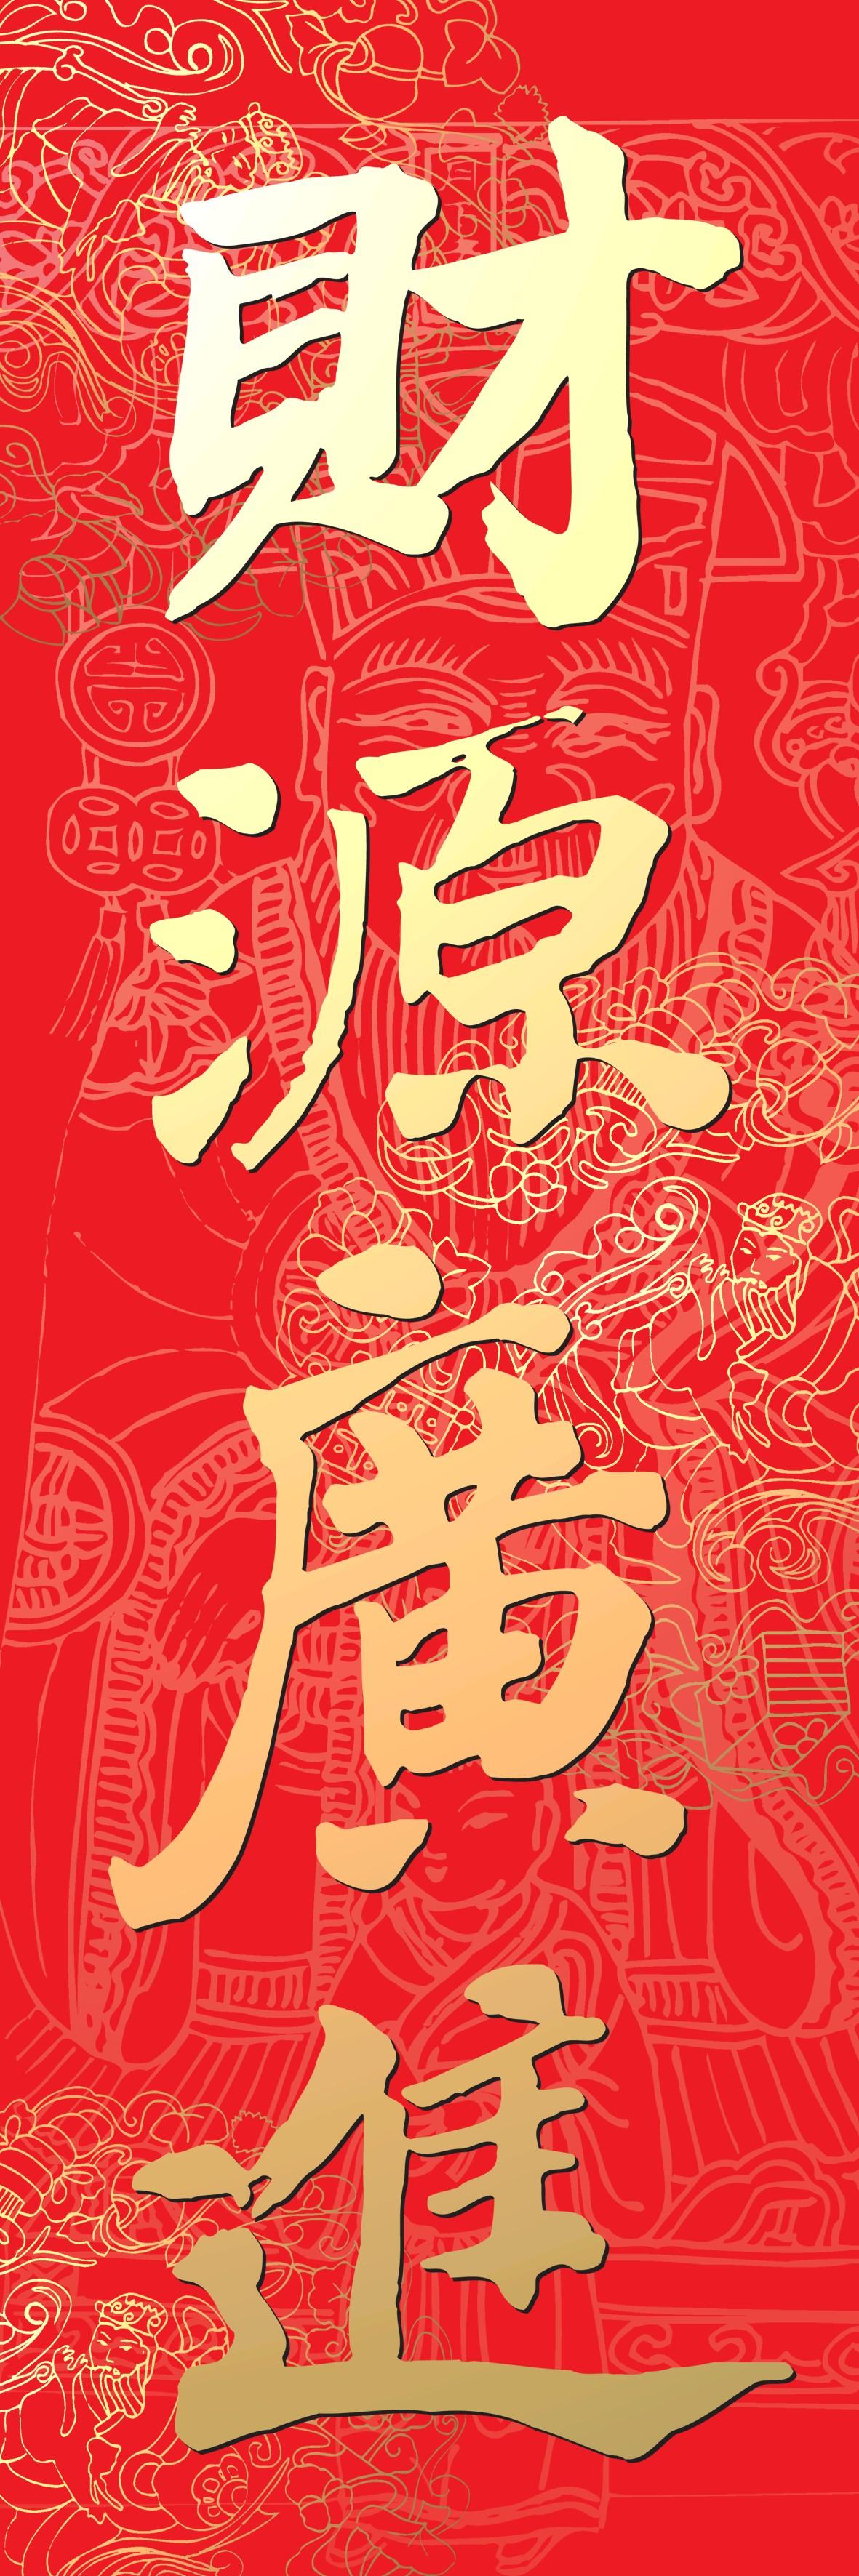 2010年最新的qq头像_2011年 中国新年素材_腾牛个性网